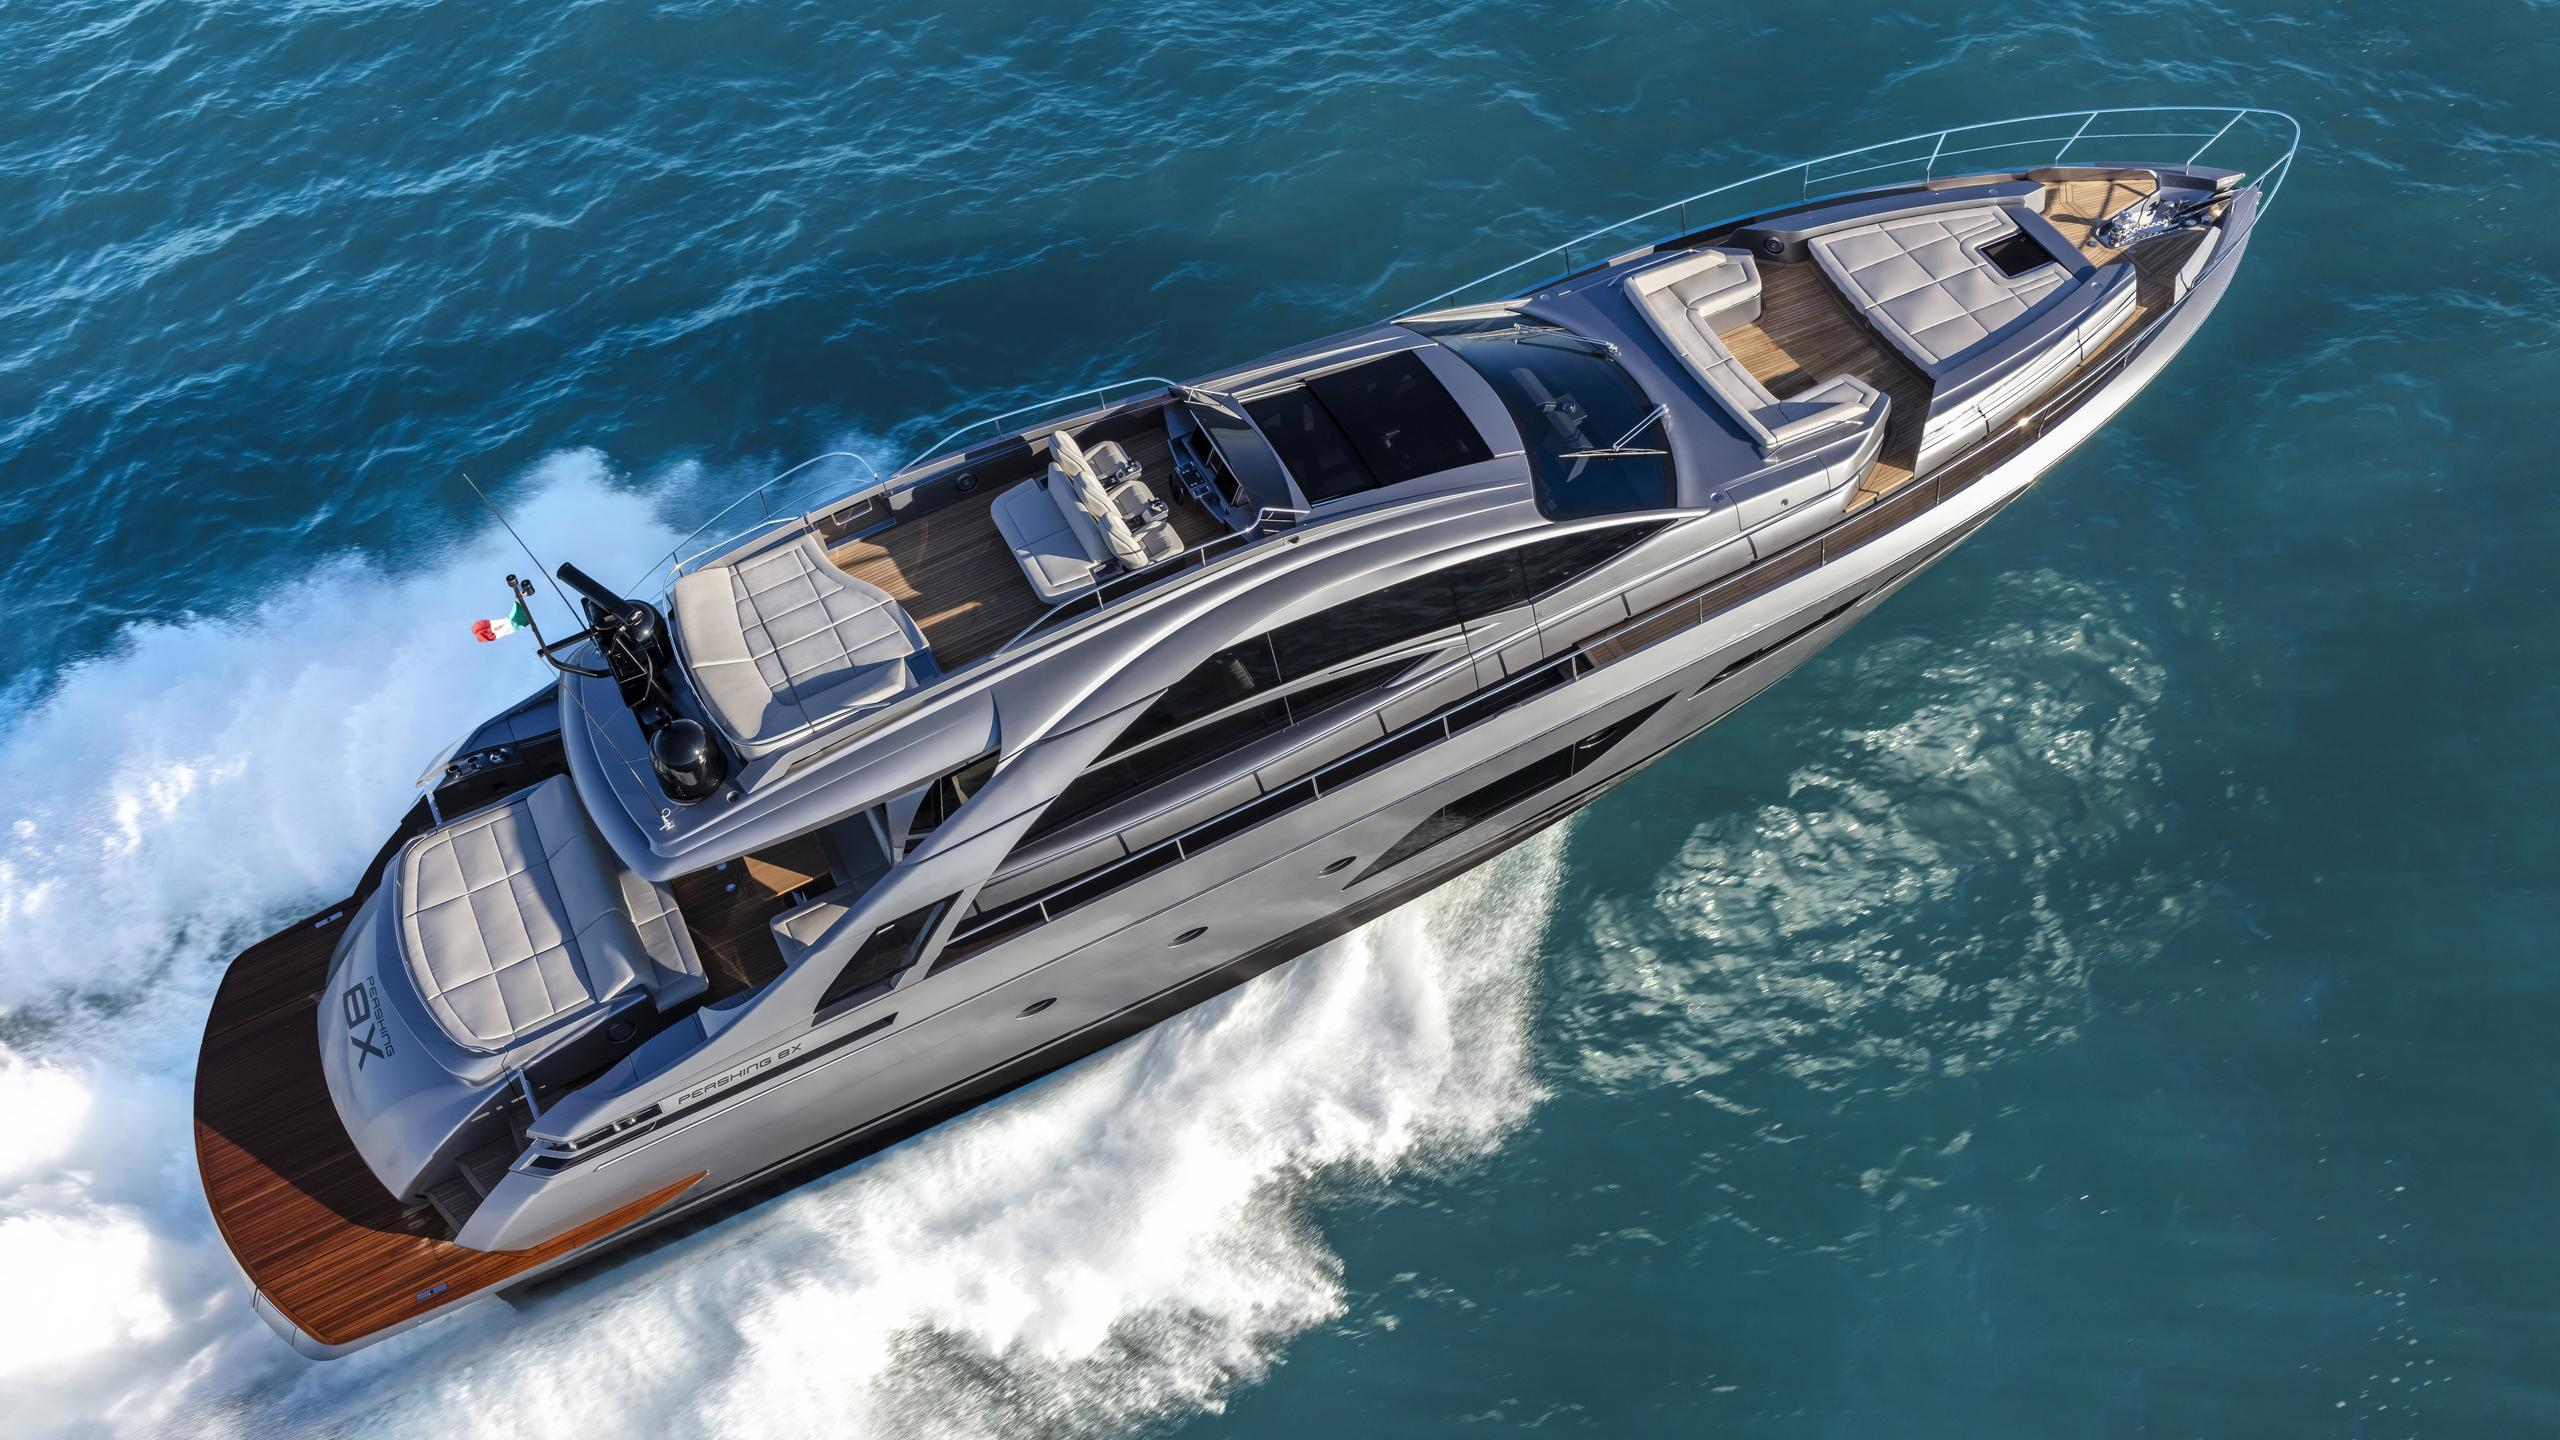 pershing 8x motoryacht pershing 25m 2019 aerial